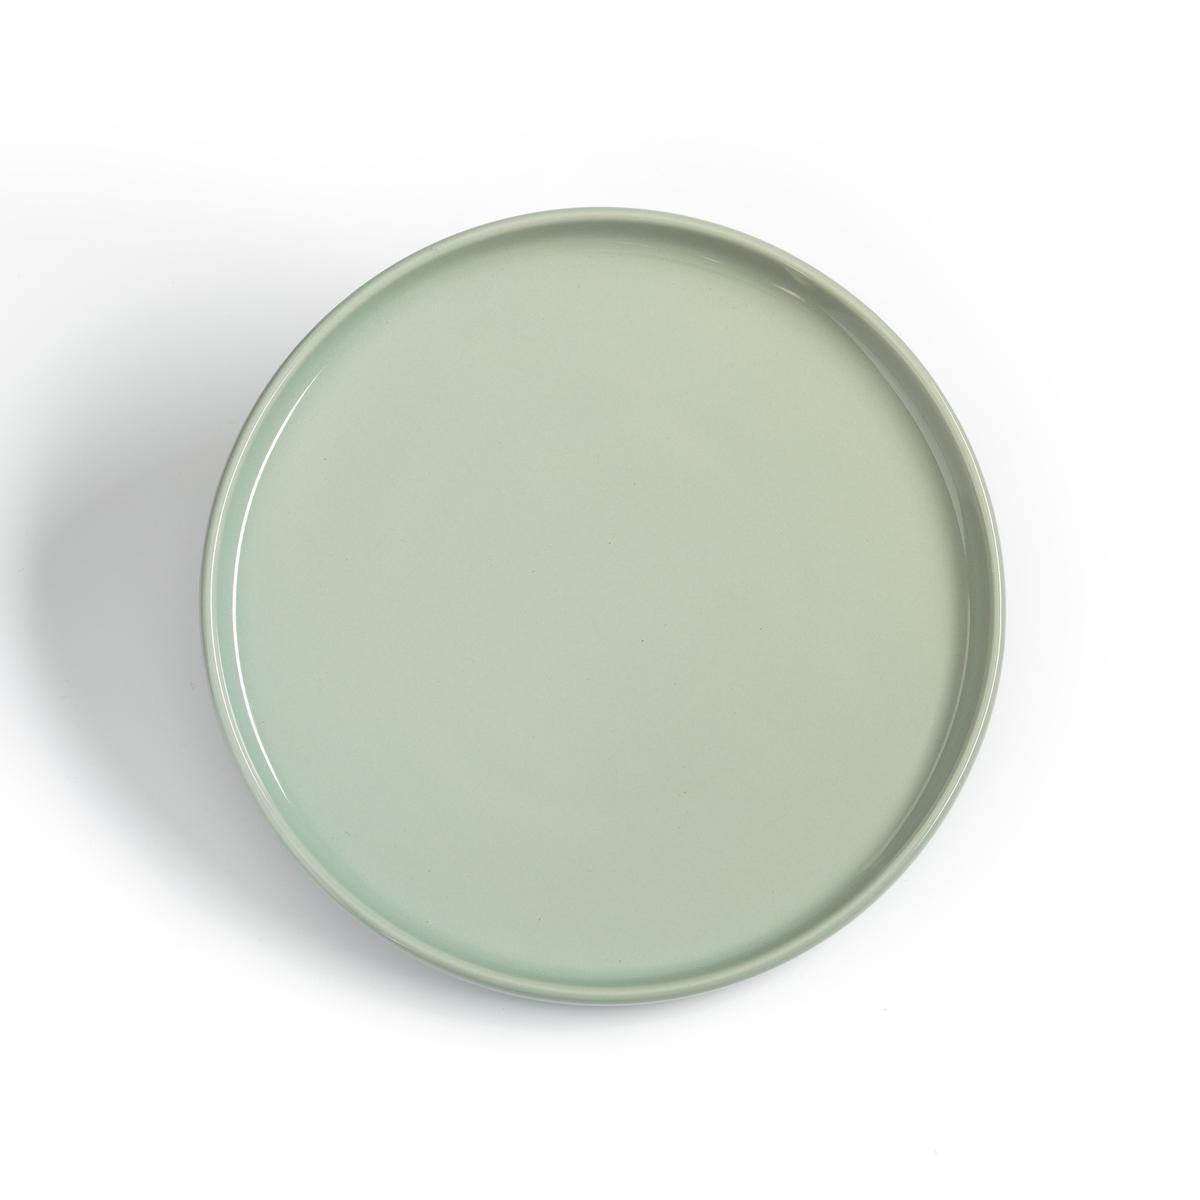 4 тарелки LaRedoute Десертные керамические ELINOR единый размер зеленый